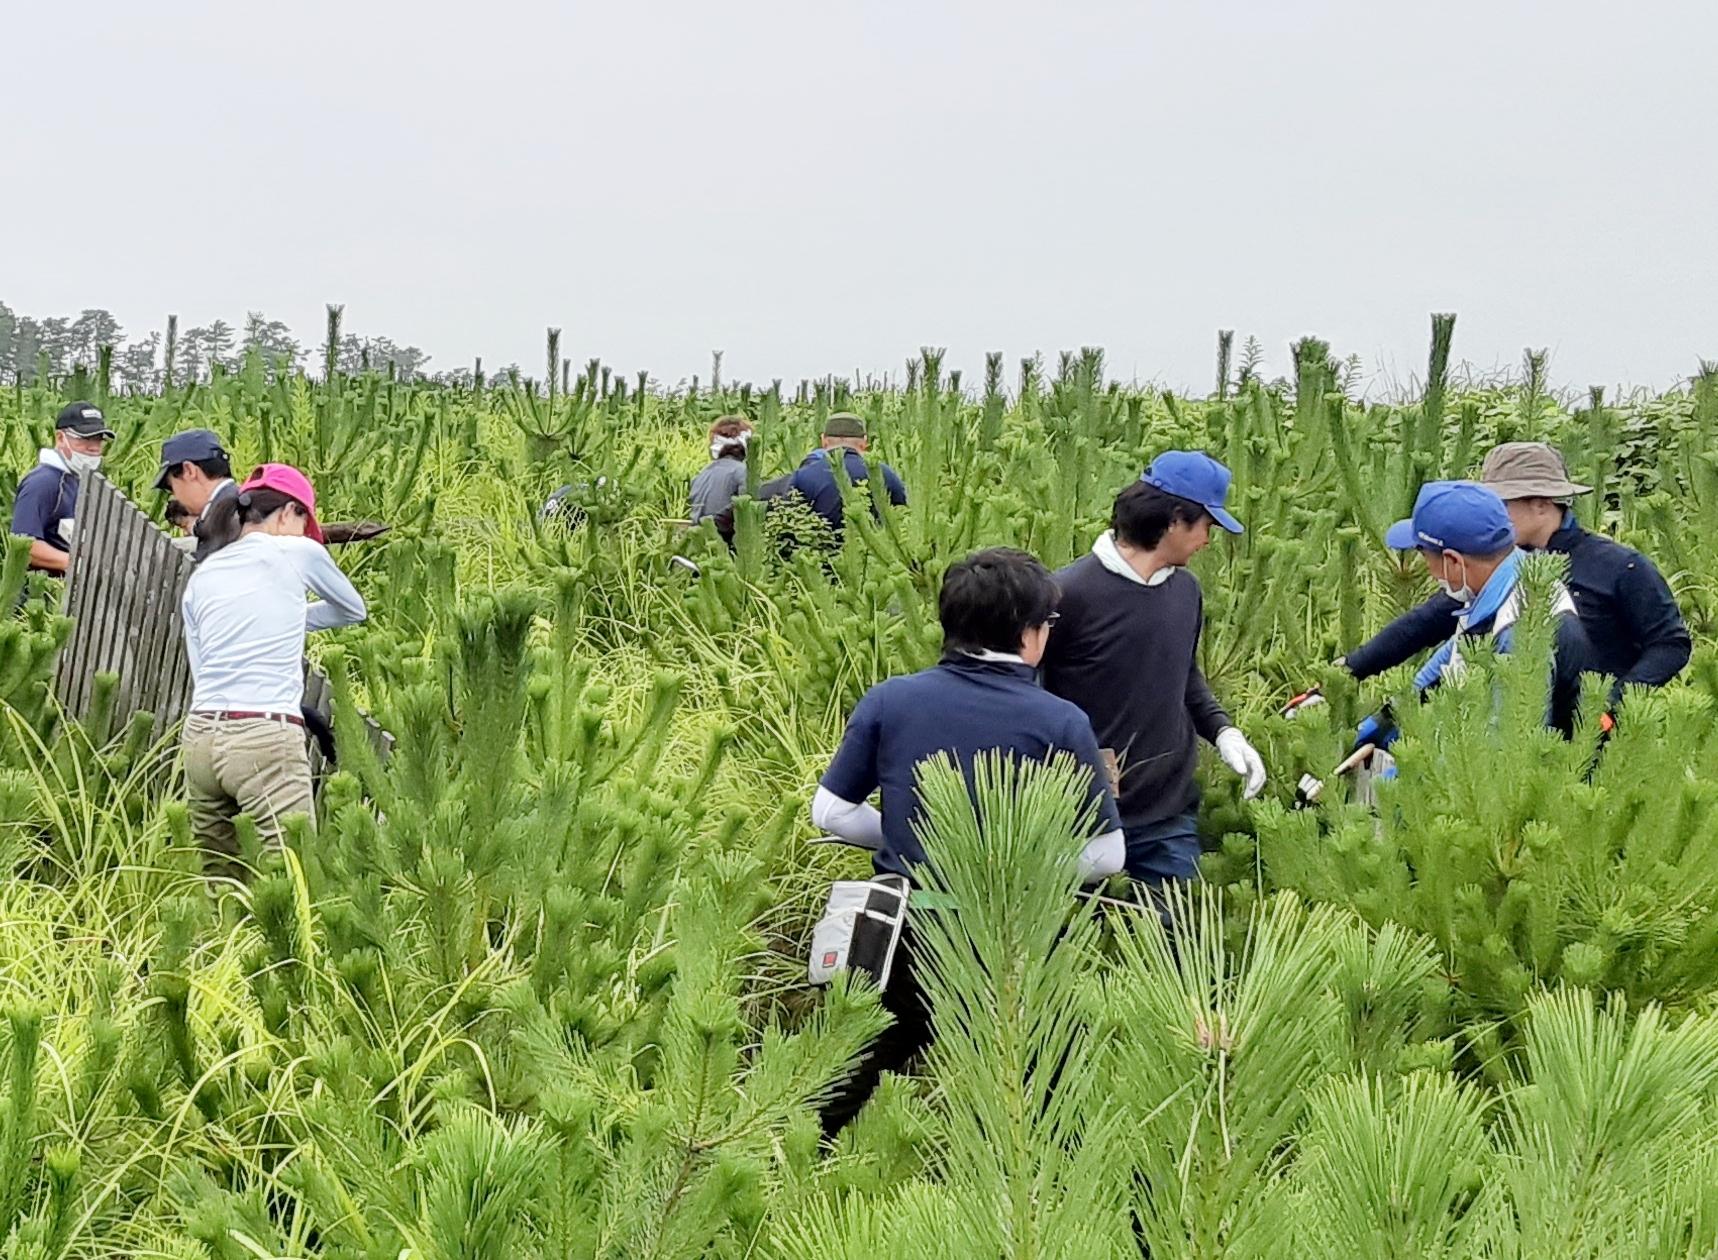 海岸防災林「ノースジャパン100年復興の森」再生活動(ノースジャパン素材流通協同組合様主催)2020年7月31日